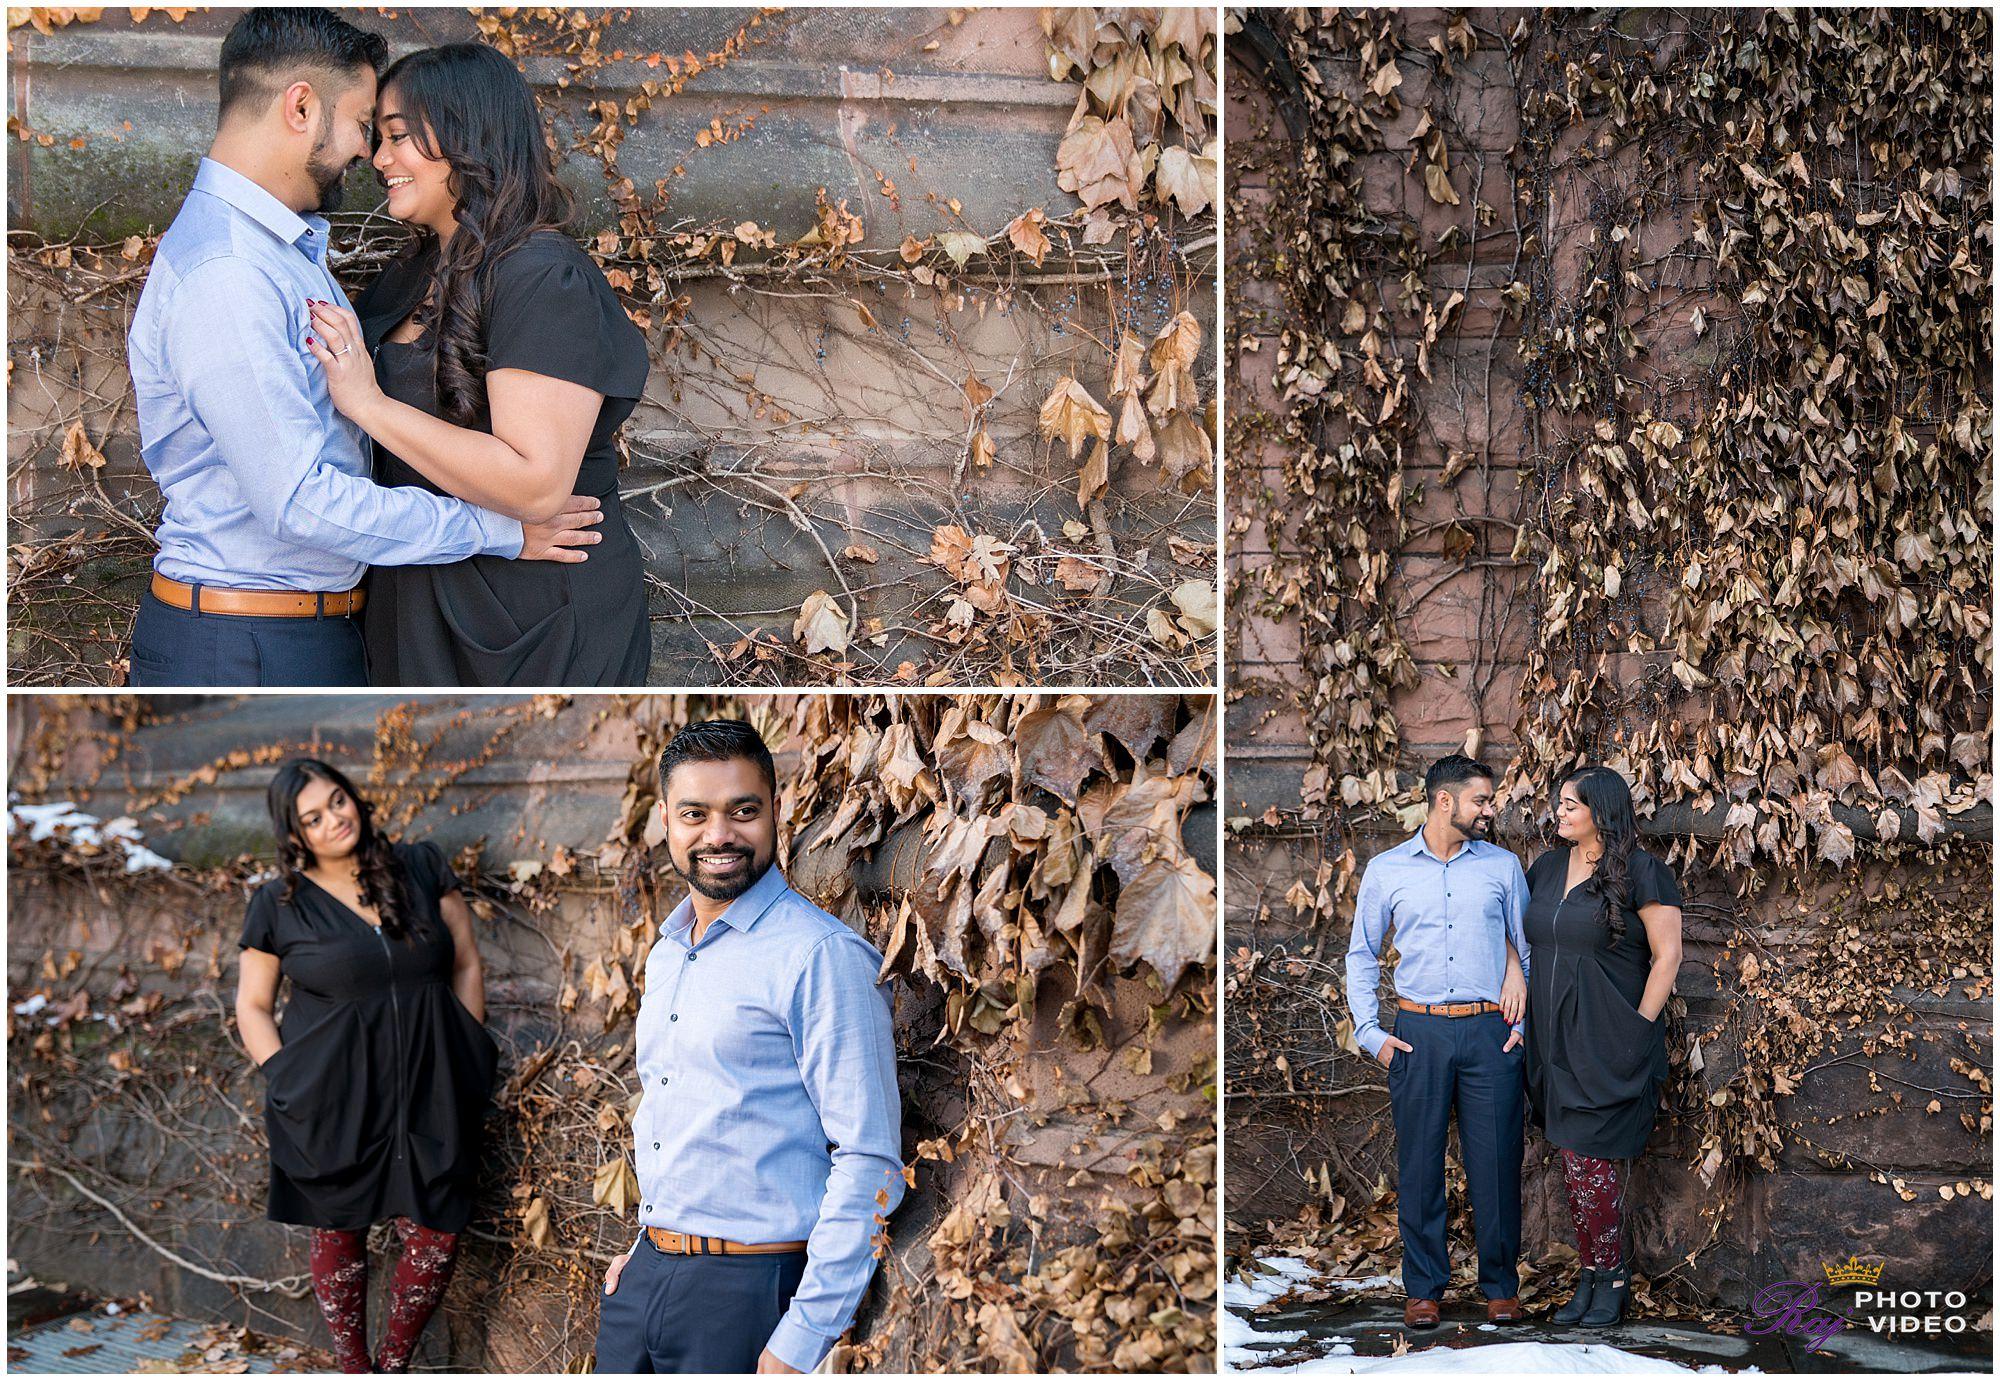 Princeton-University-Princeton-NJ-Engagement-Shoot-Krishna-Ritesh-10_Raj_Photo_Video.jpg